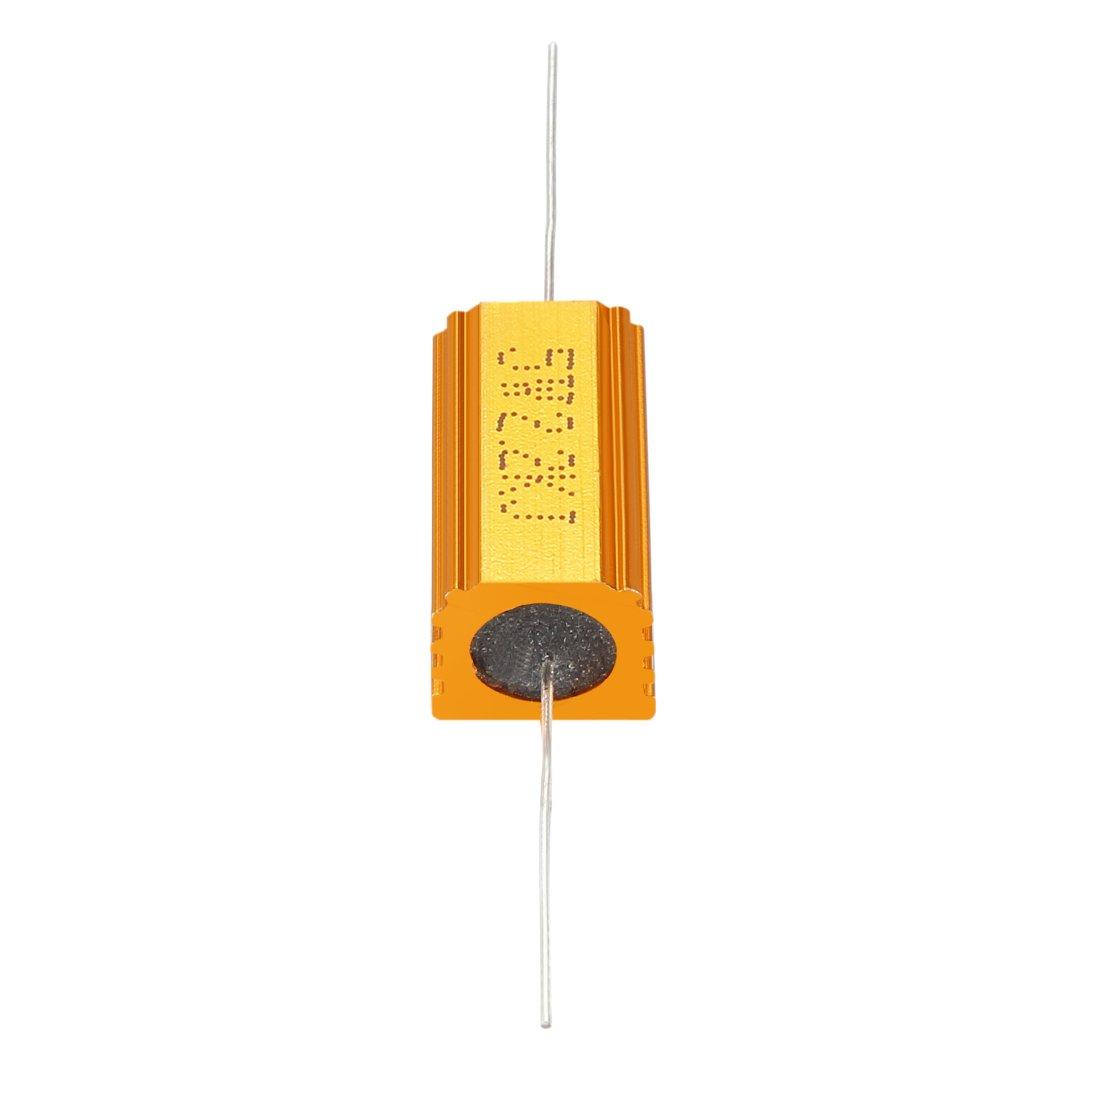 RES SMD 66.5KOHM 0.5/% 1//10W 0603 Pack of 300 RT0603DRE0766K5L